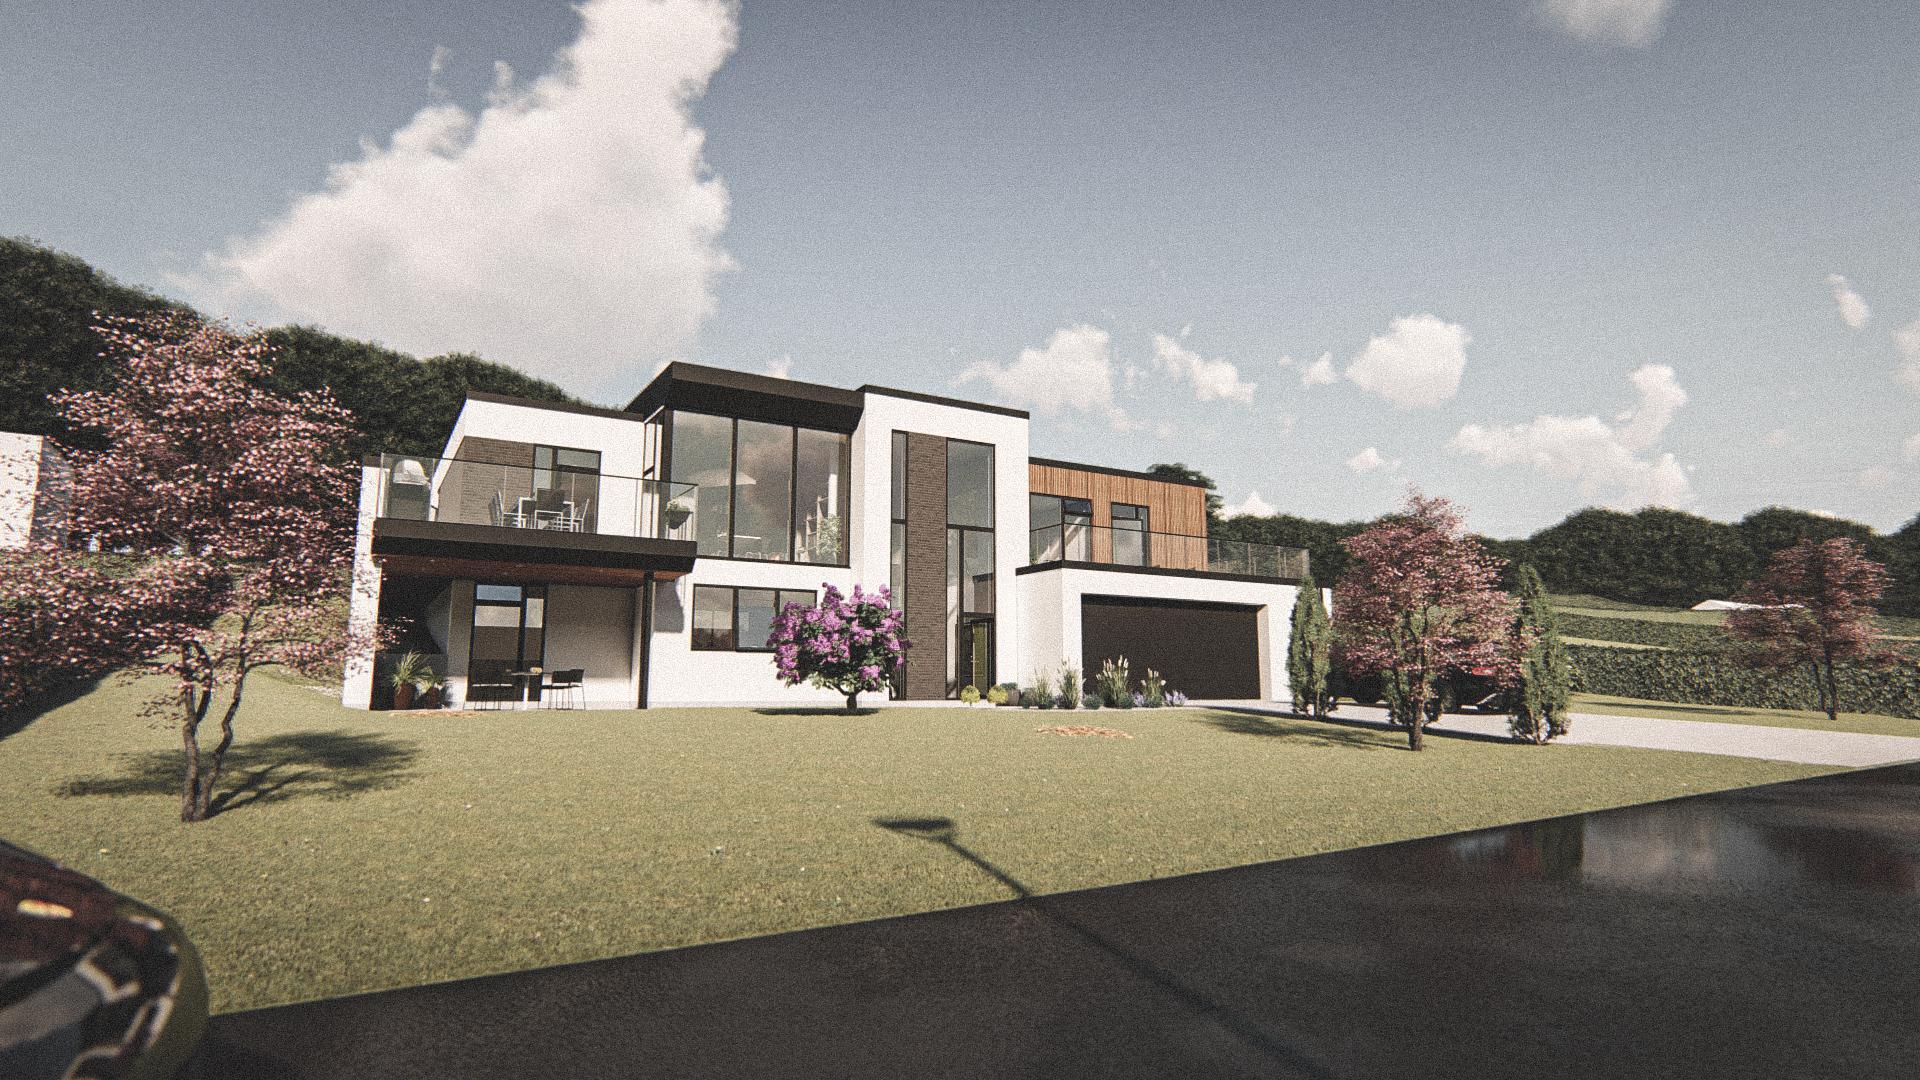 Billede af Dansk arkitekttegnet 2 plan villa af arkitektfirmaet m2plus, i Hinnerup på 334 kvartratmeter.